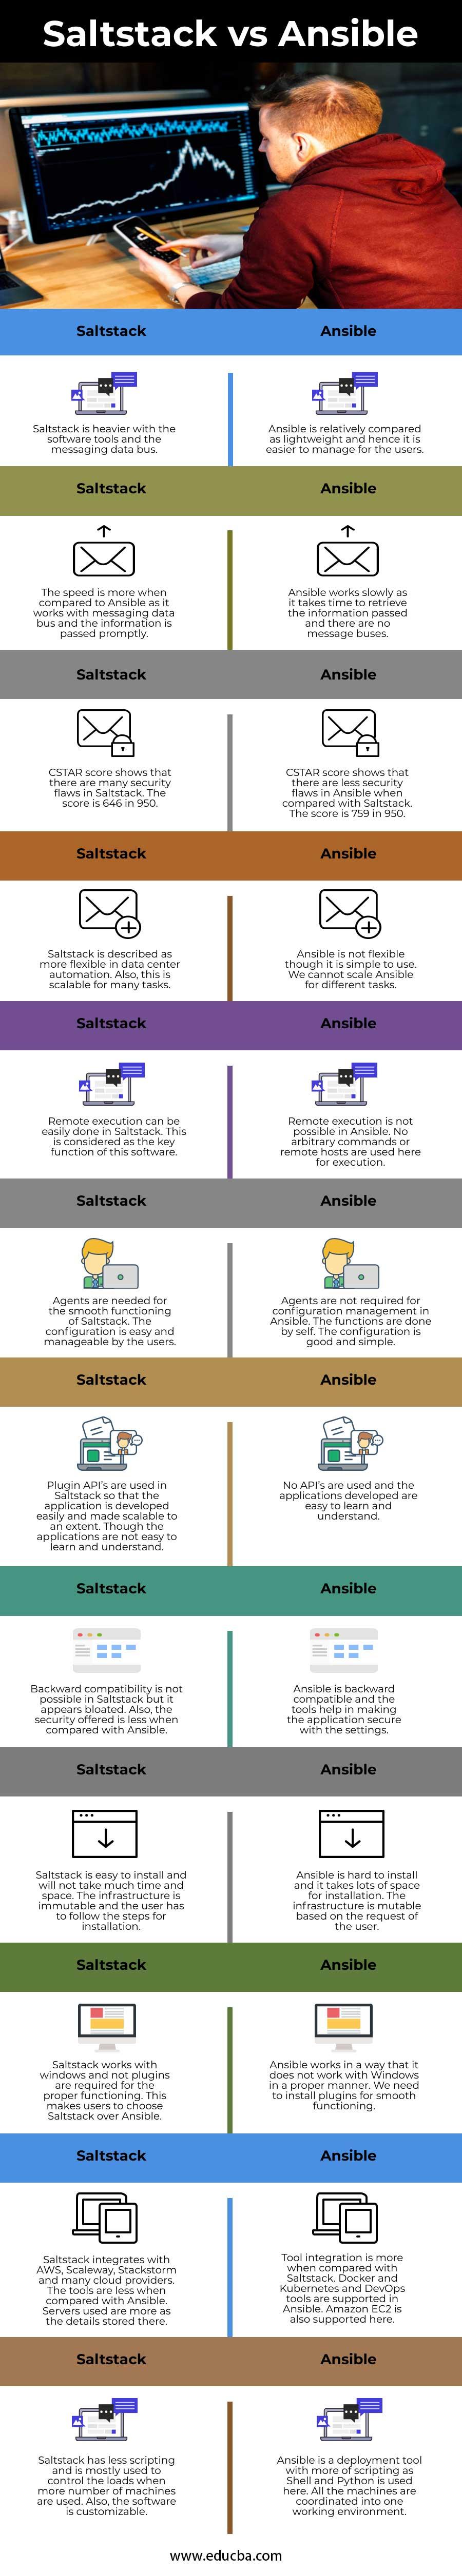 Head to Head Comparison BetweenSaltstack vs Ansible